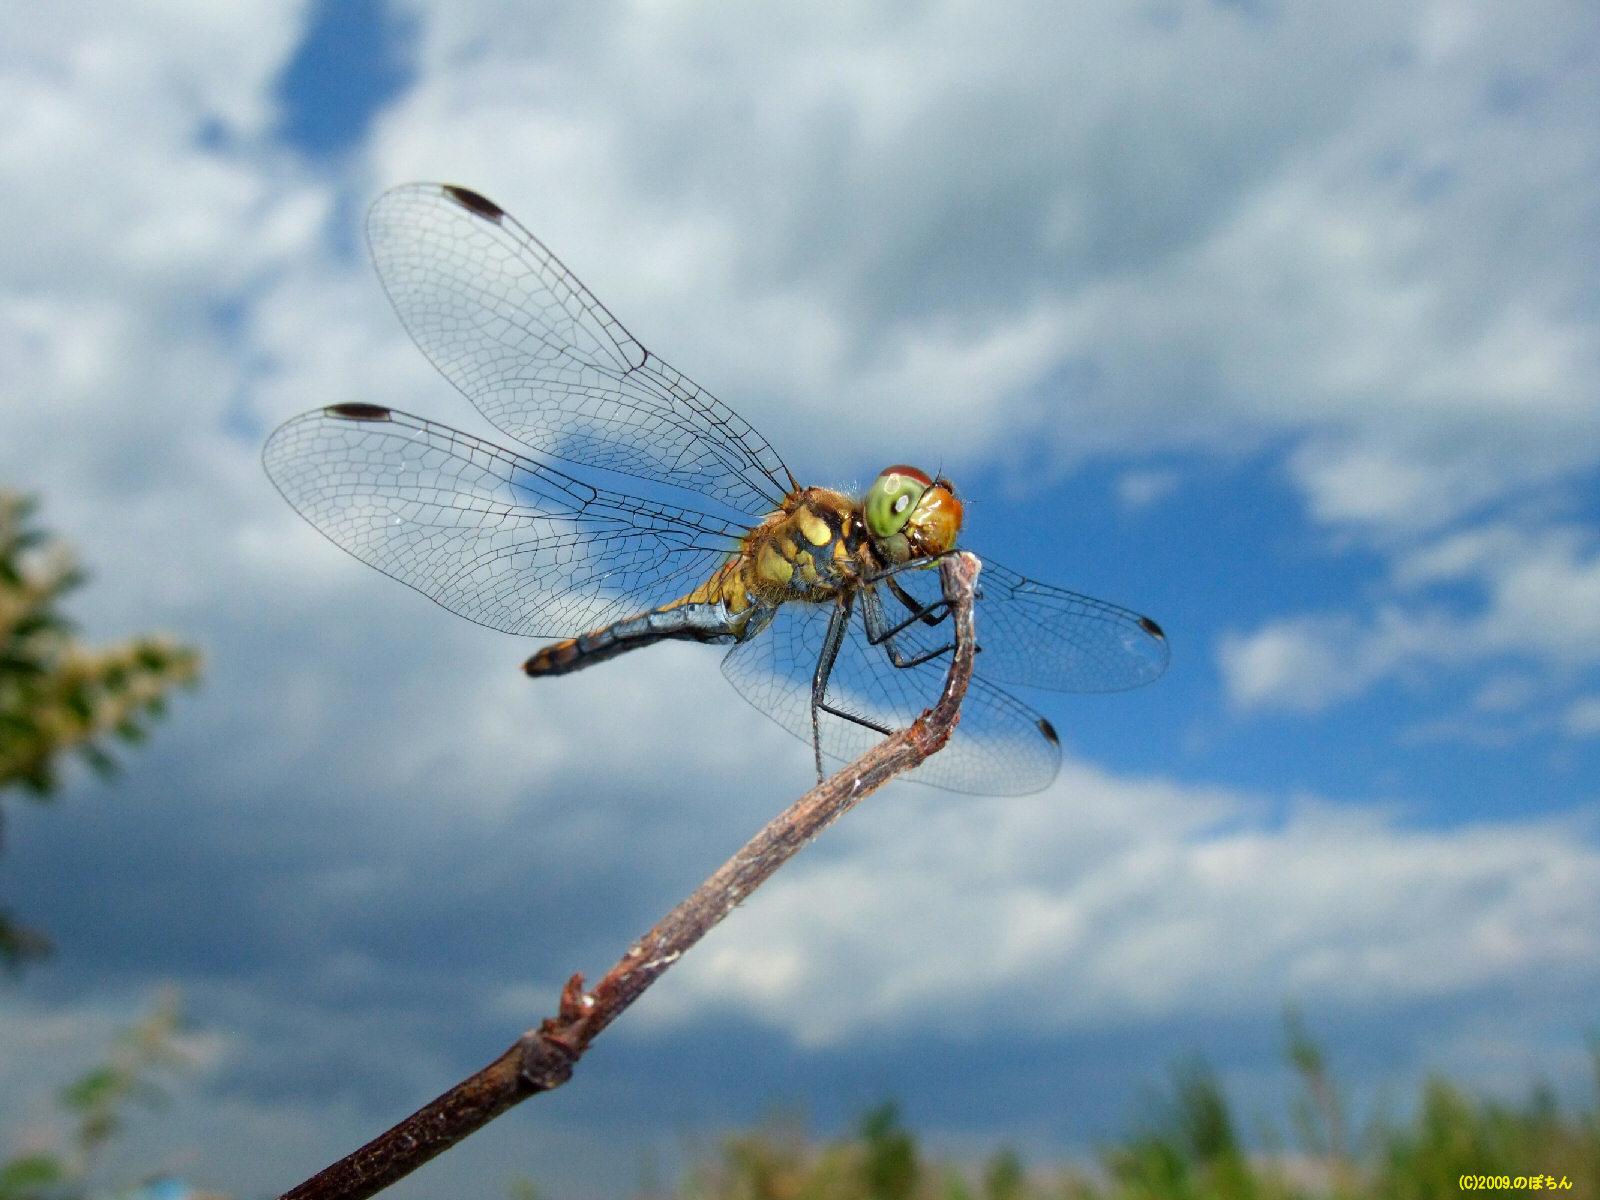 水生昆虫の生態はどうなってるの?